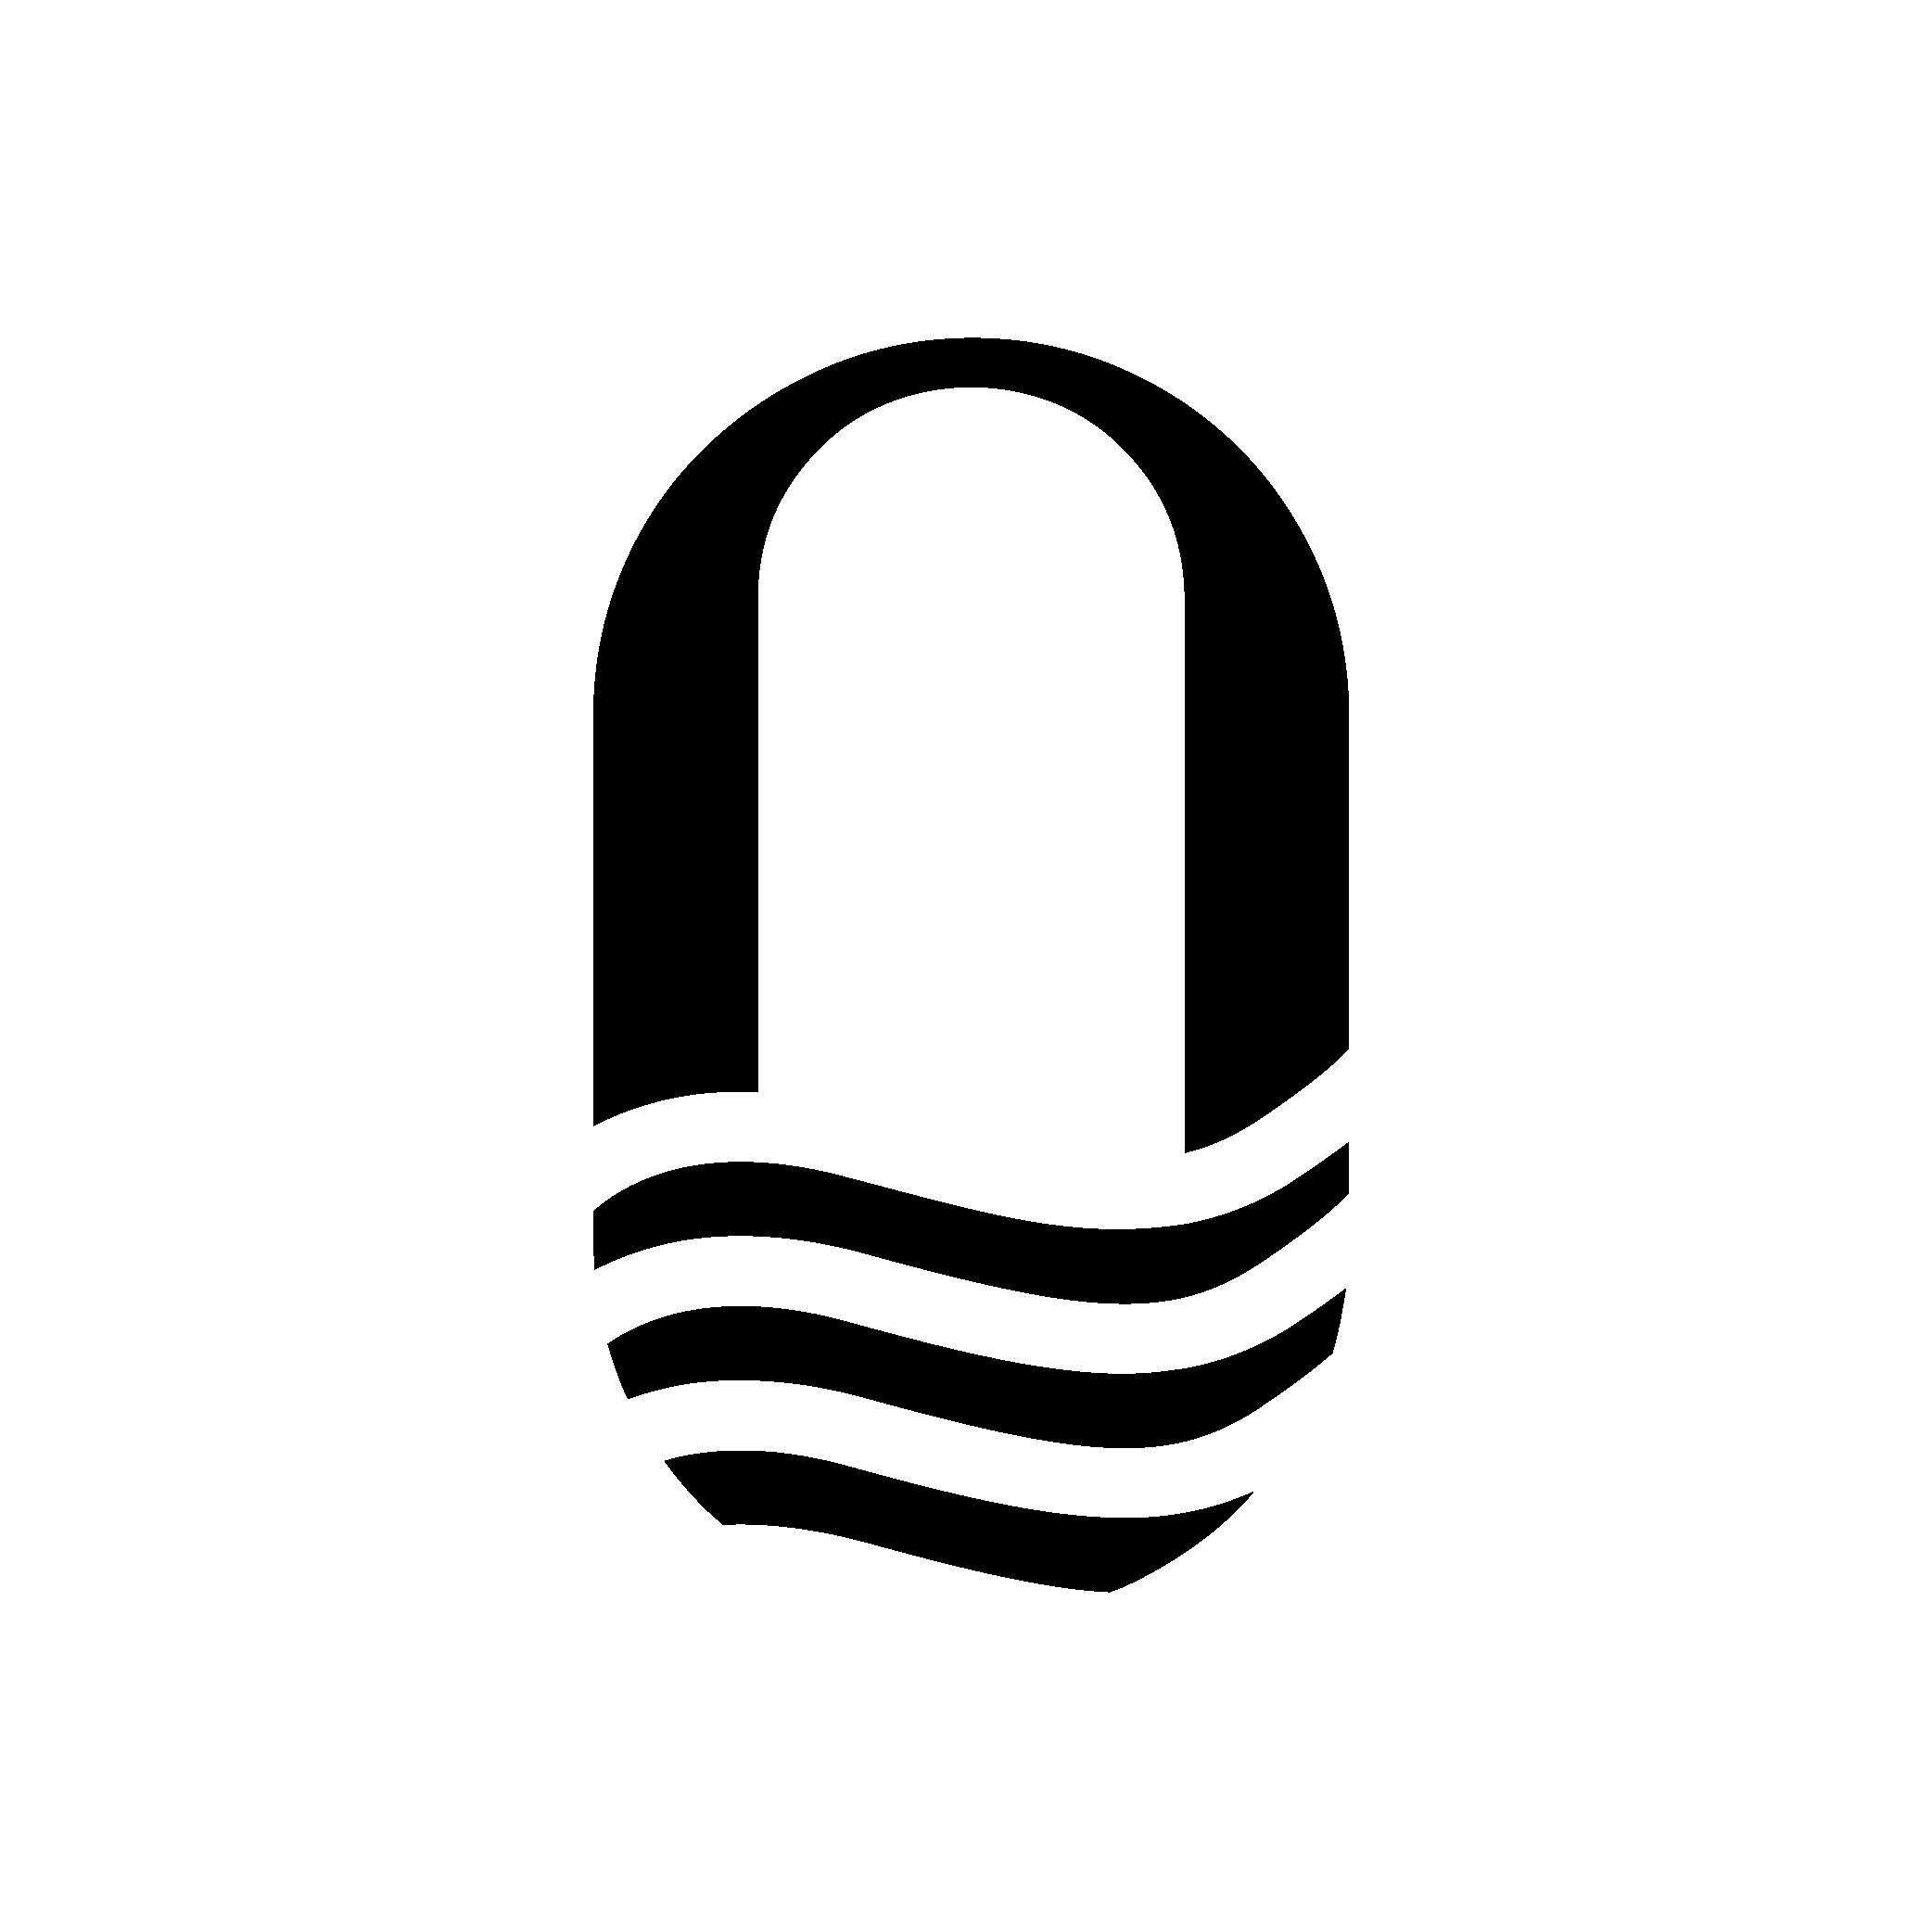 Morena_logo_O_black_bg_transp